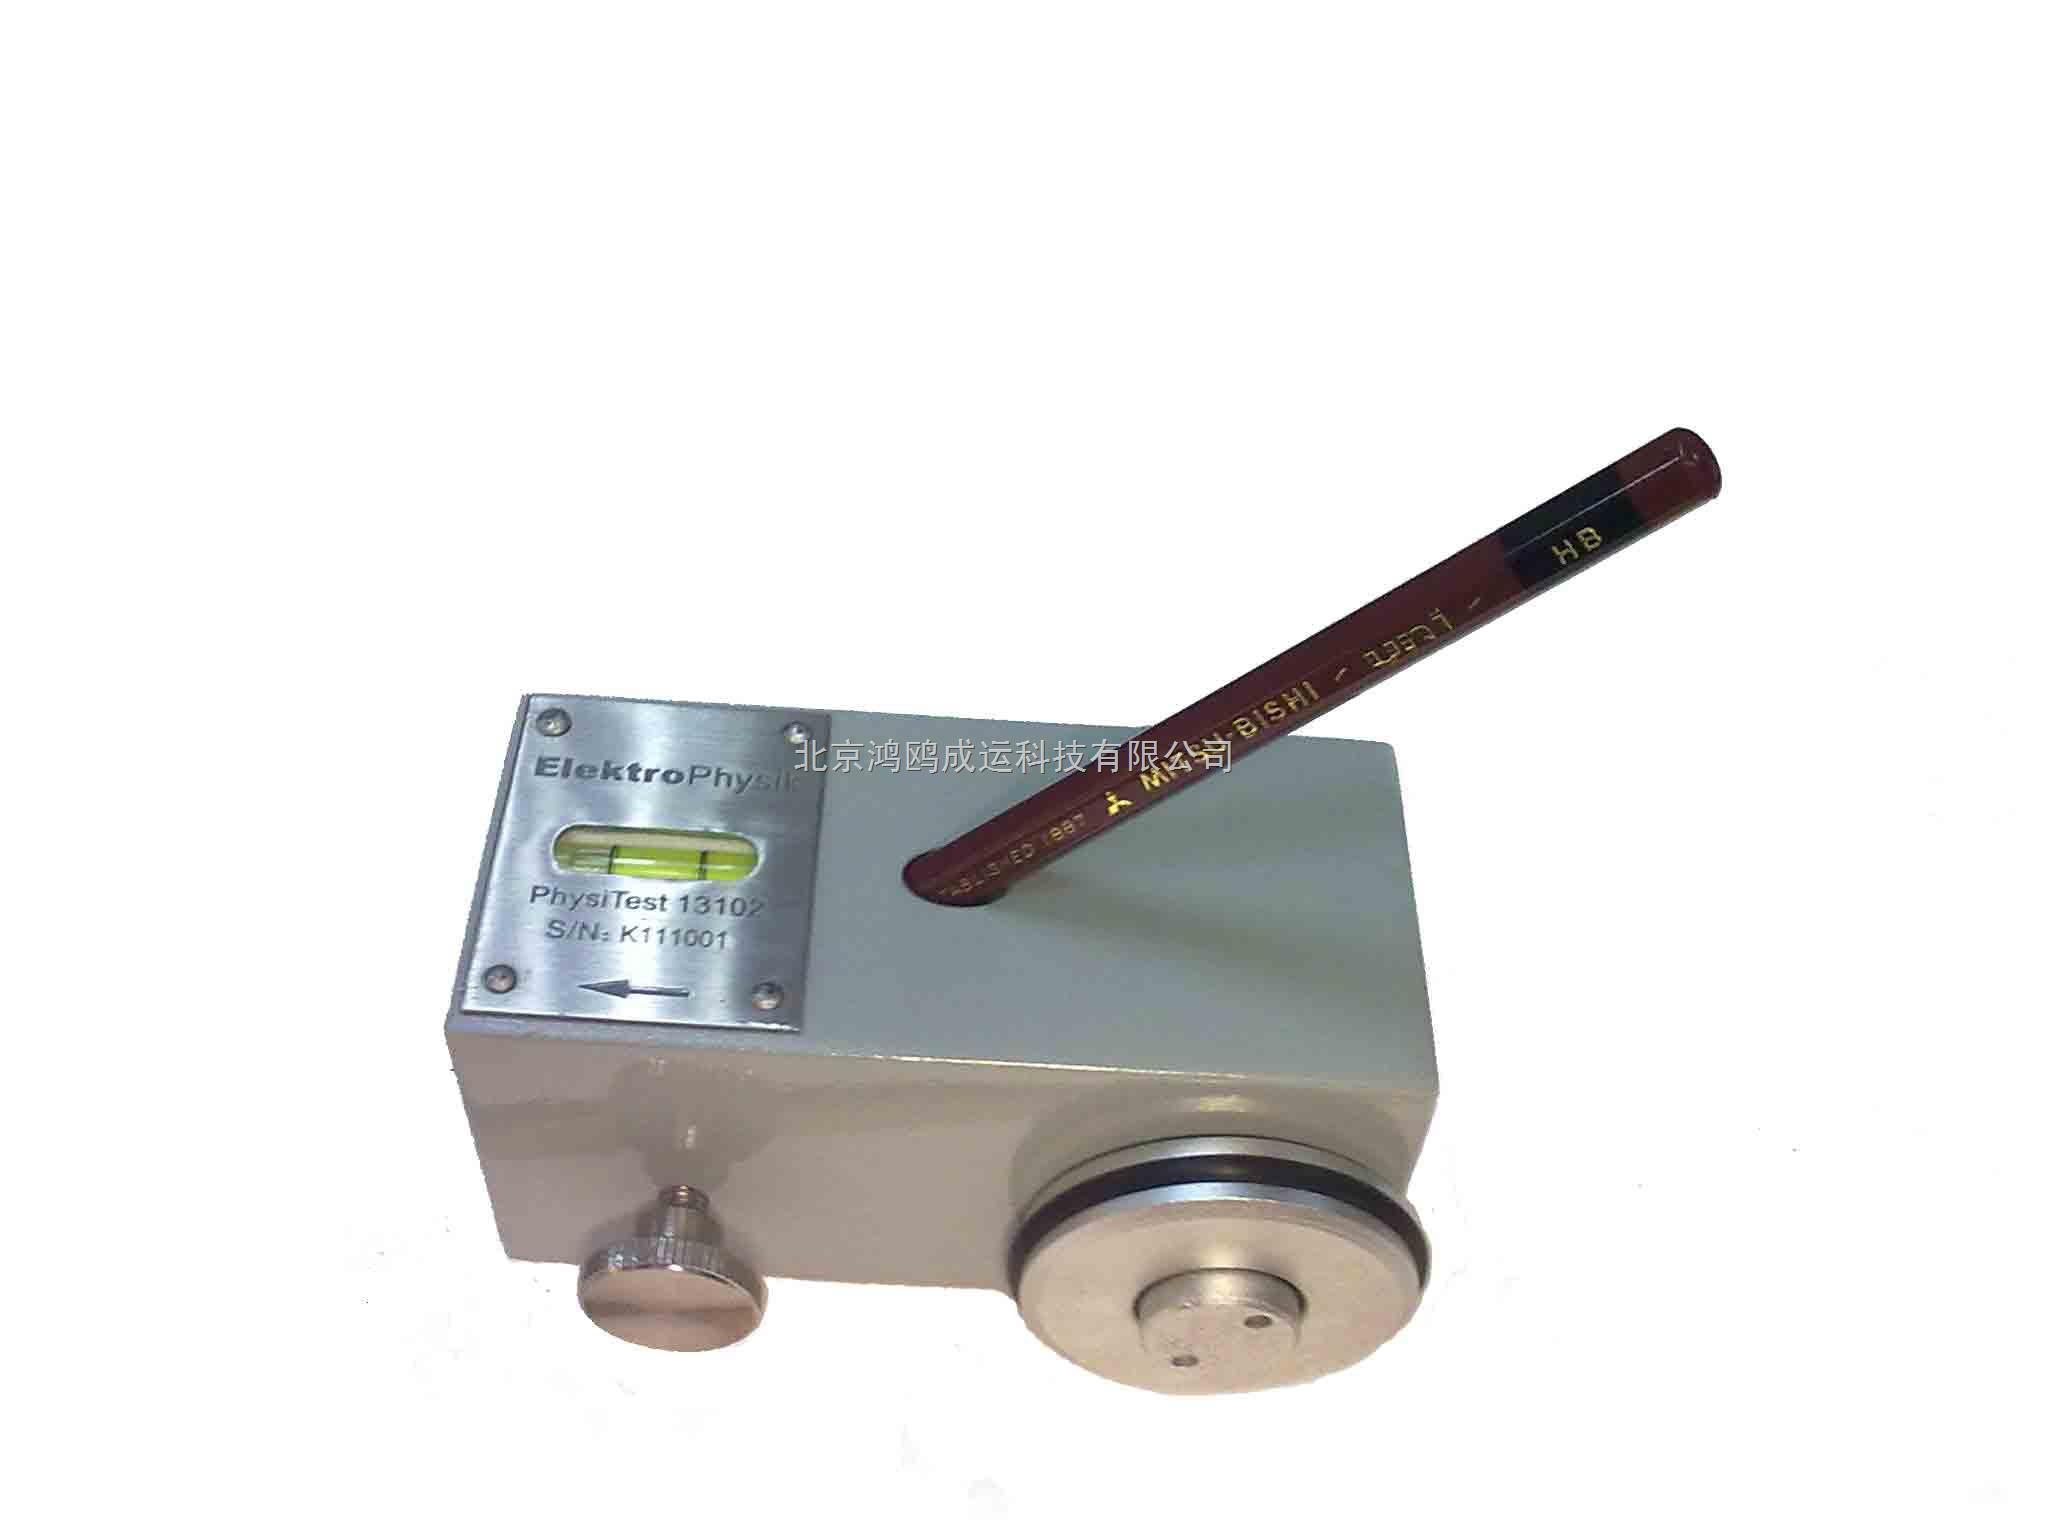 德国EPK PhysiTest系列铅笔硬度计